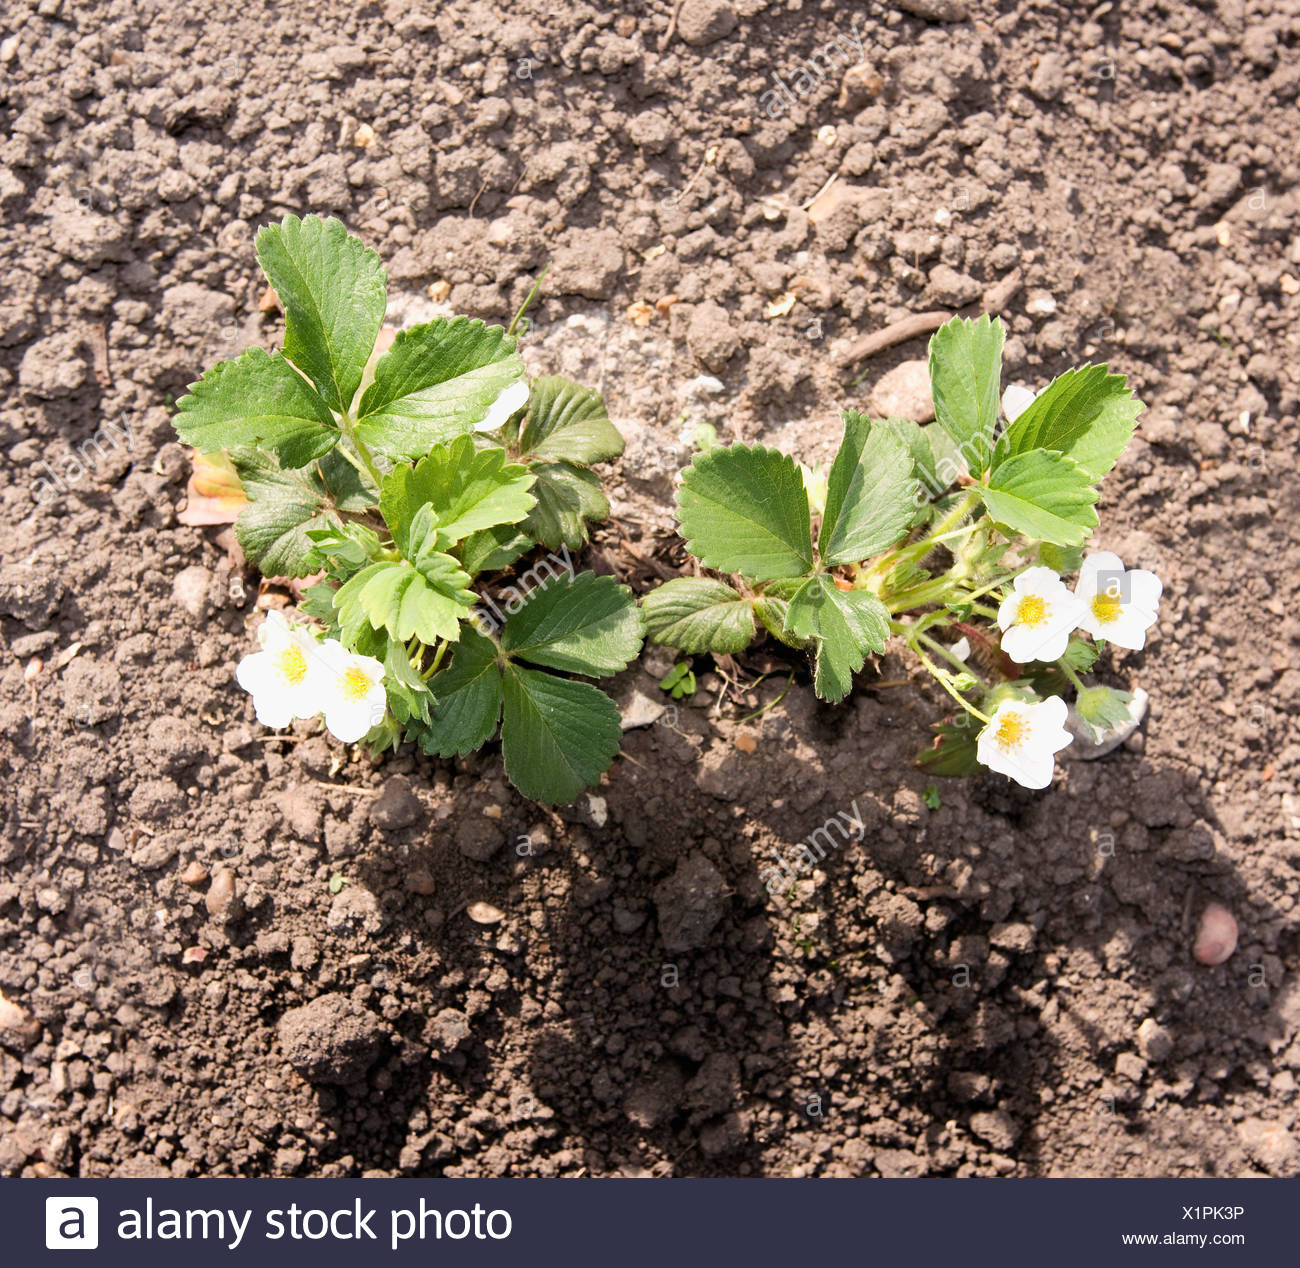 Flower plants growing in soil - Stock Image